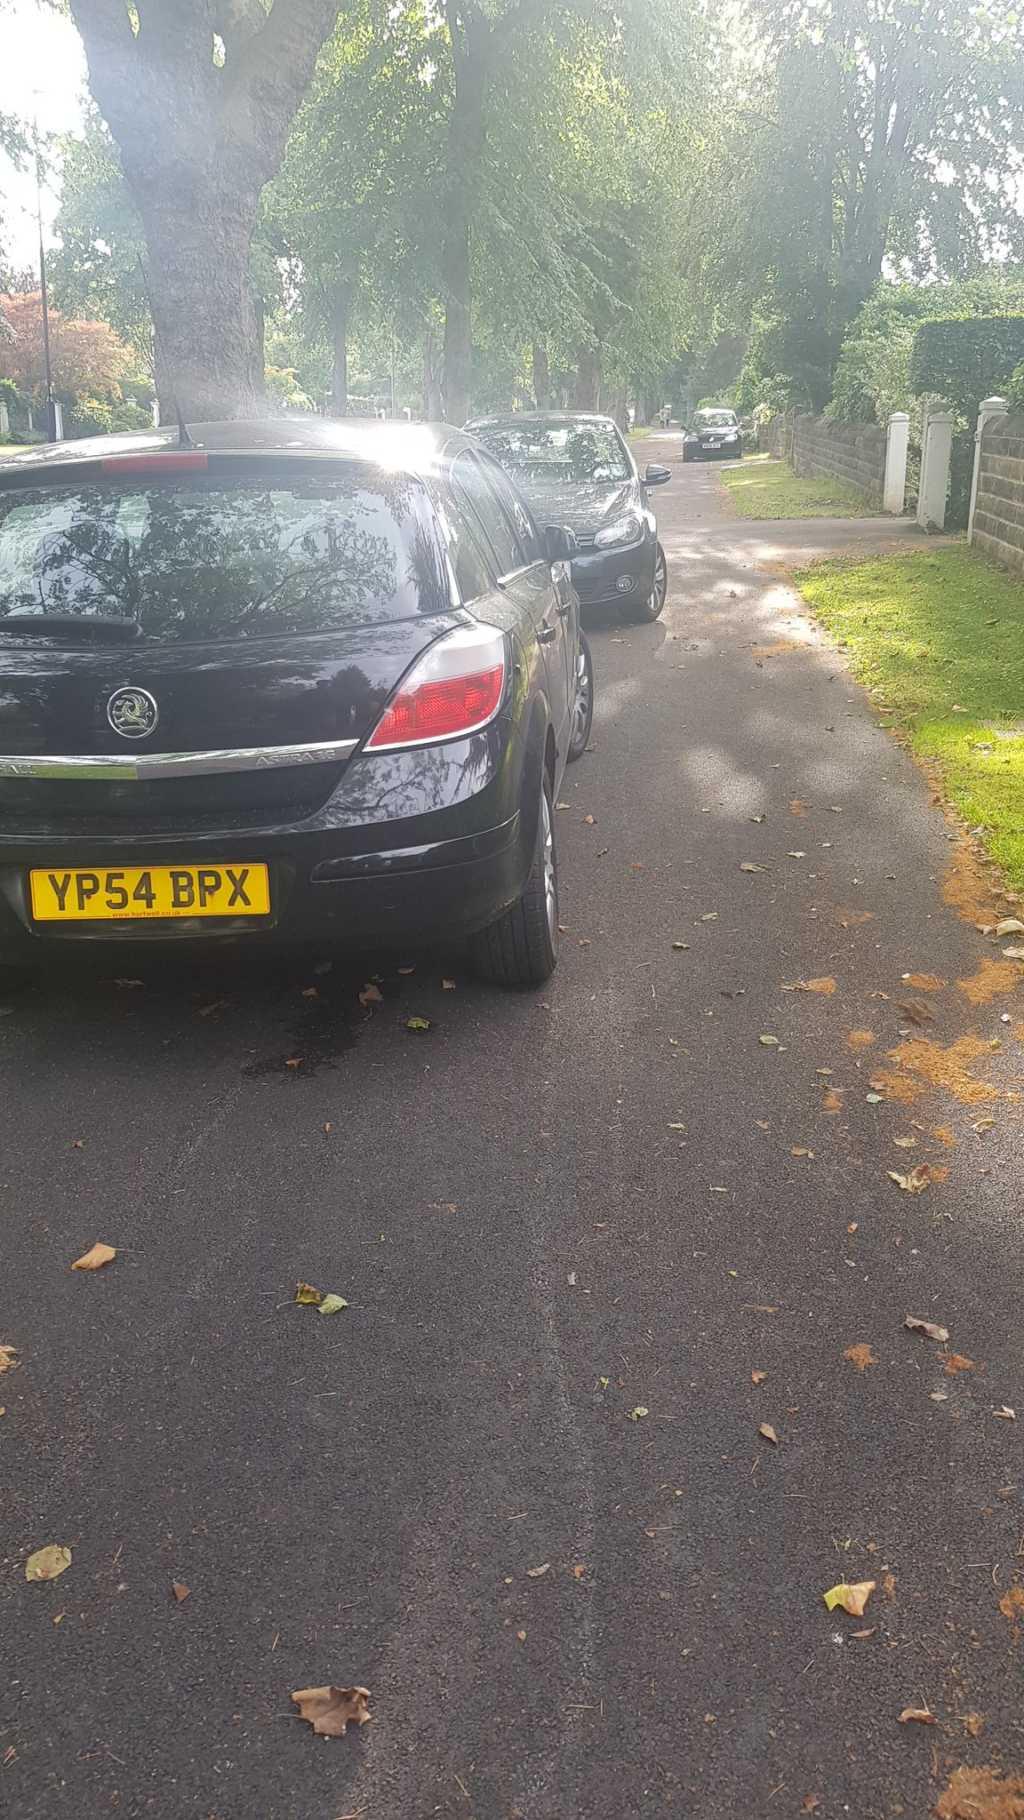 YP54 BPX is a crap parker